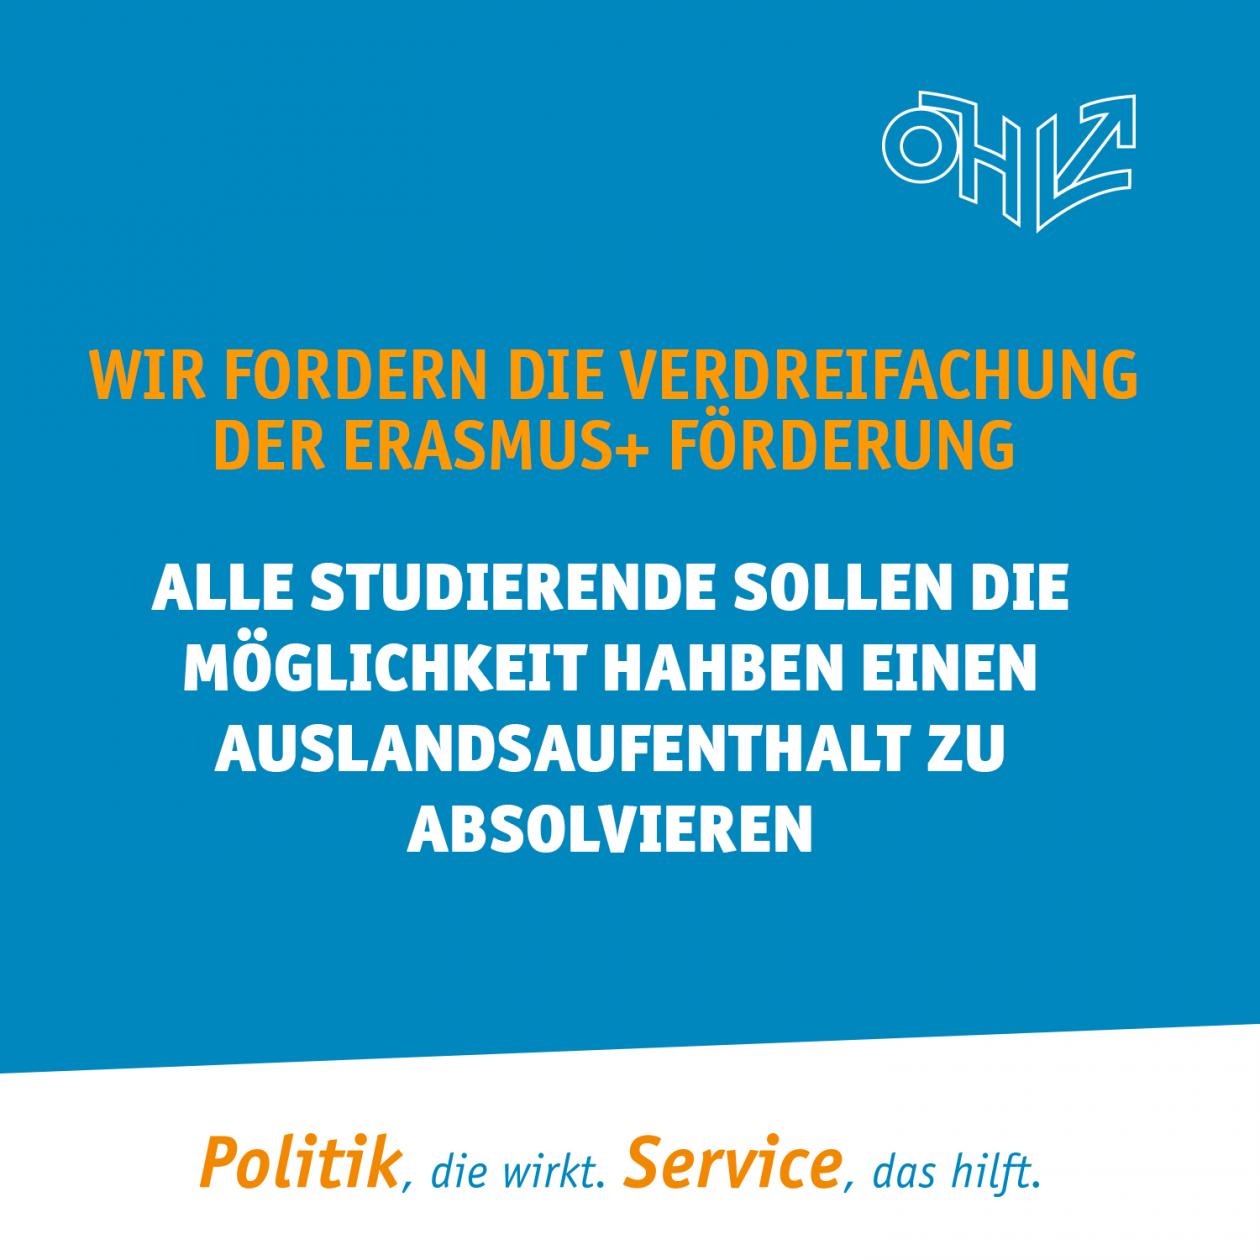 Erasmus+ muss ausfinanziert werden